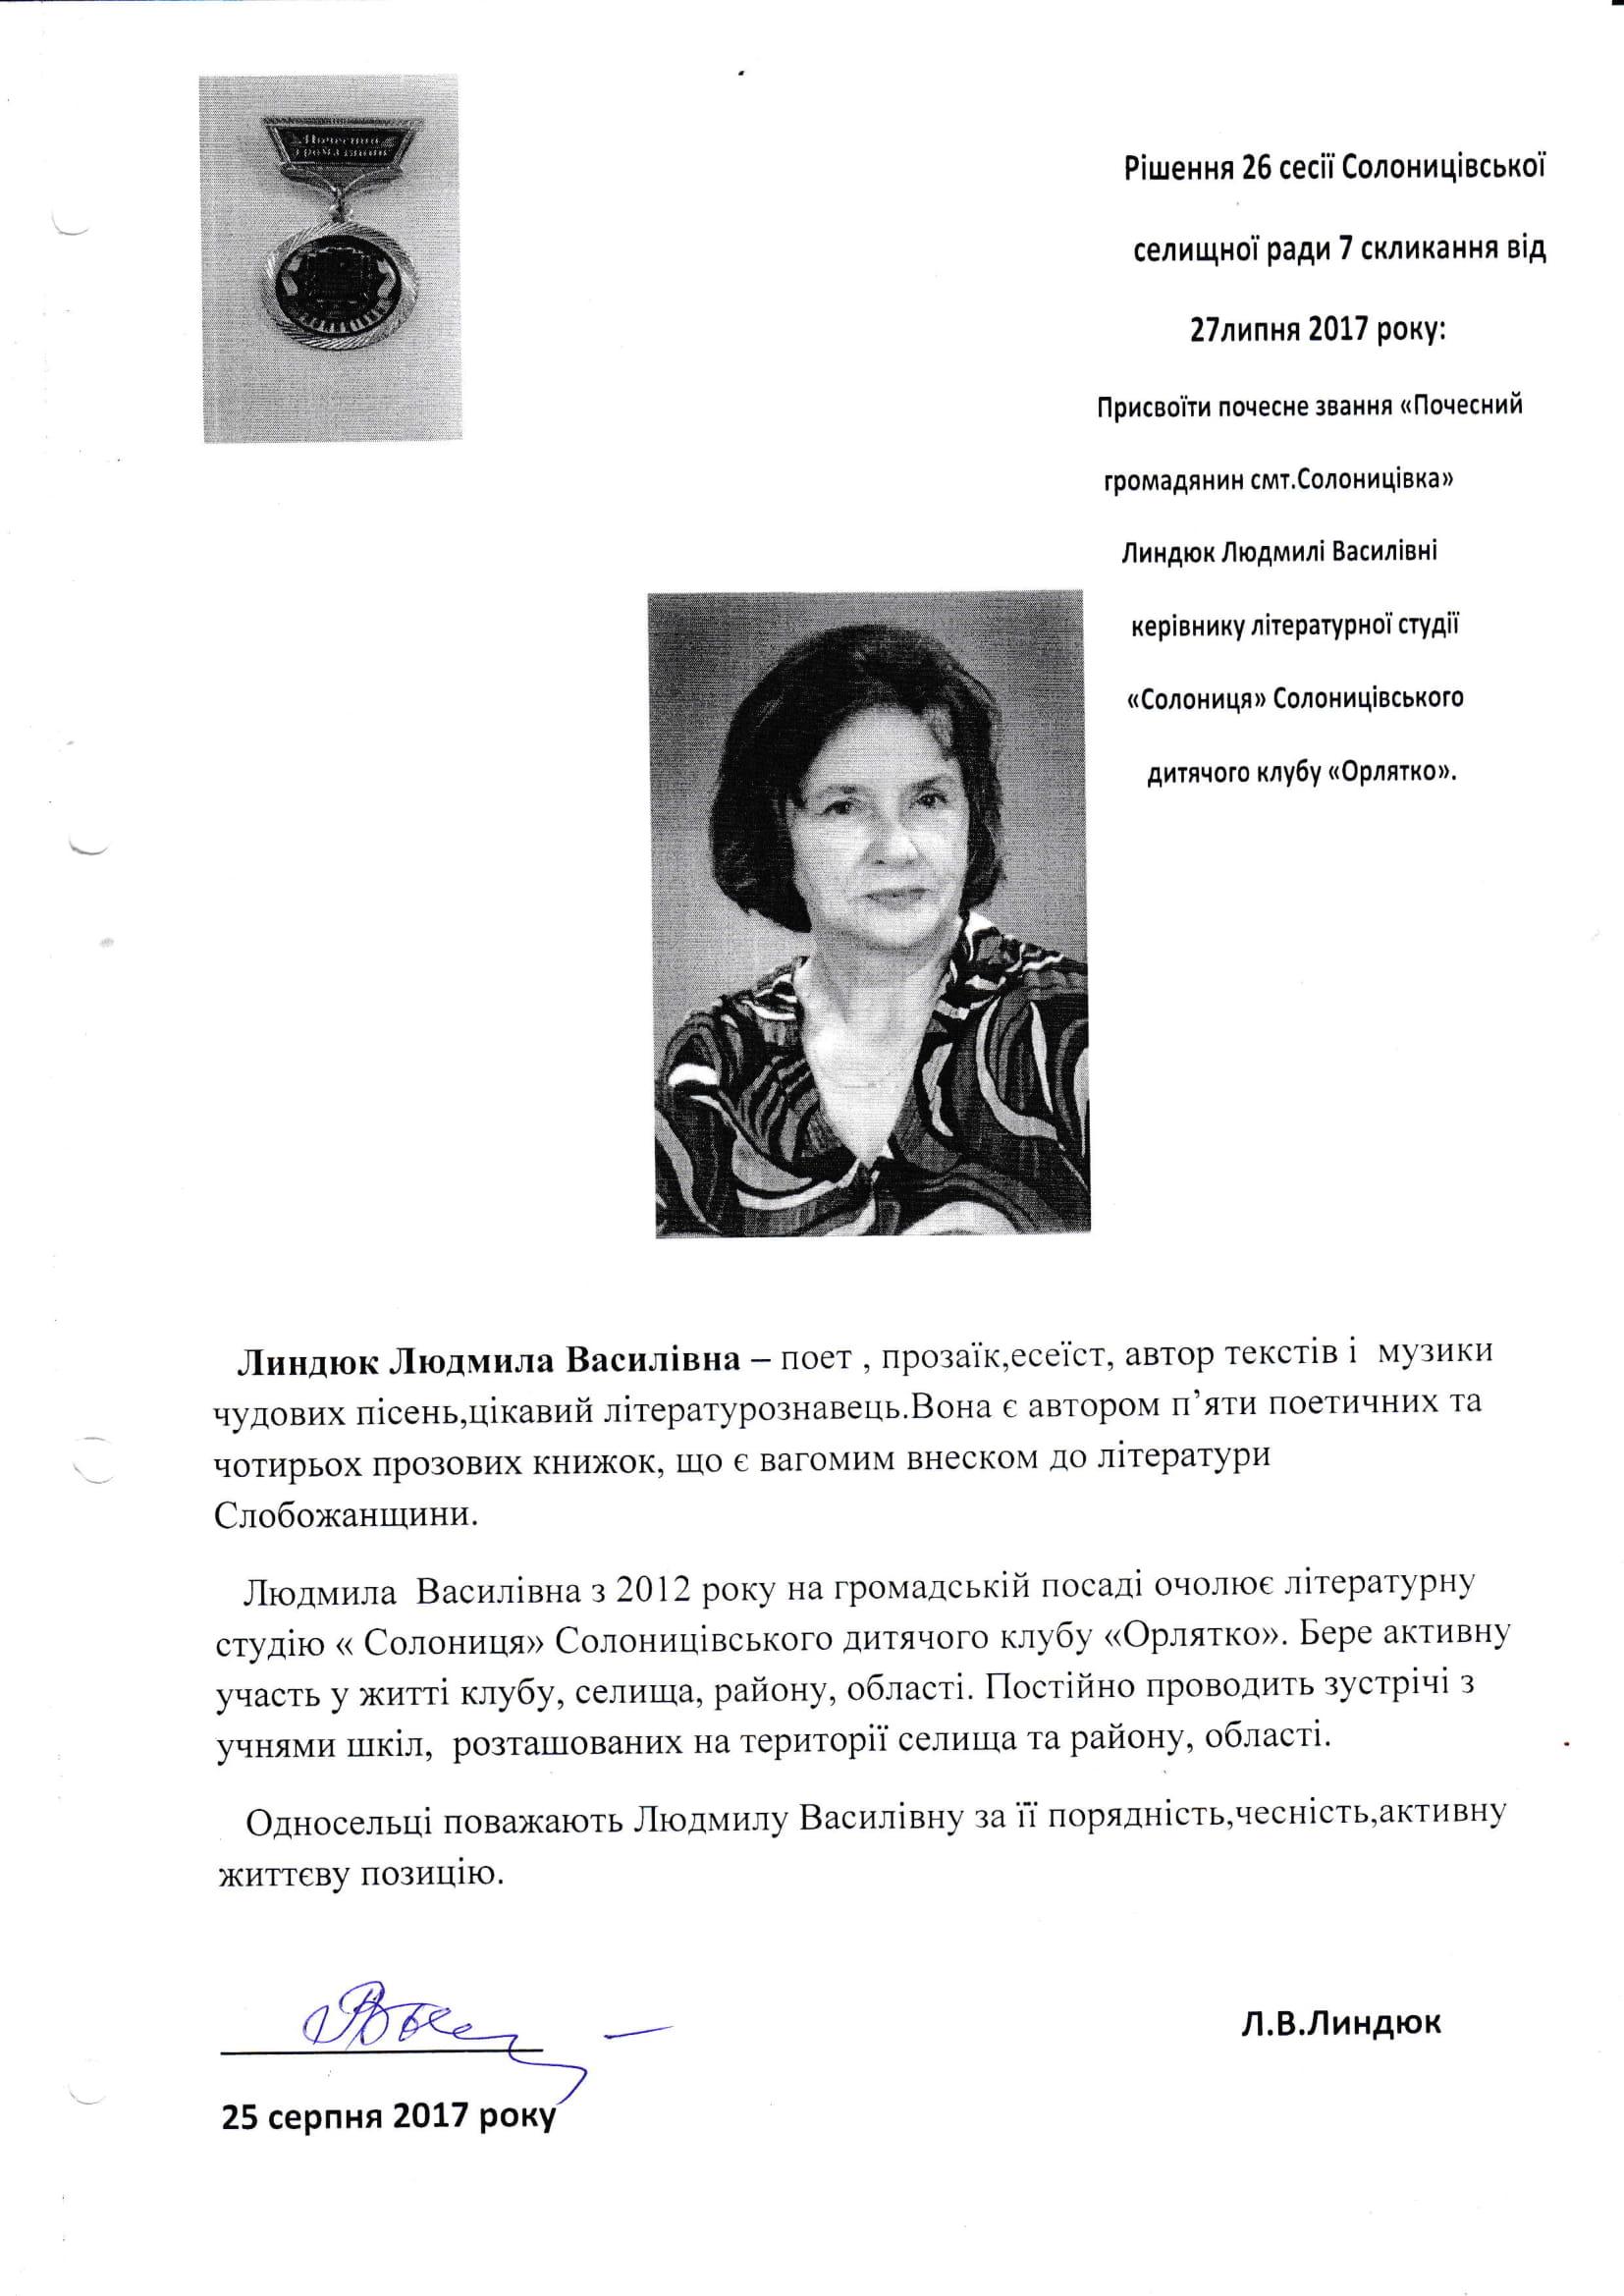 Линдюк Людмила Василівна